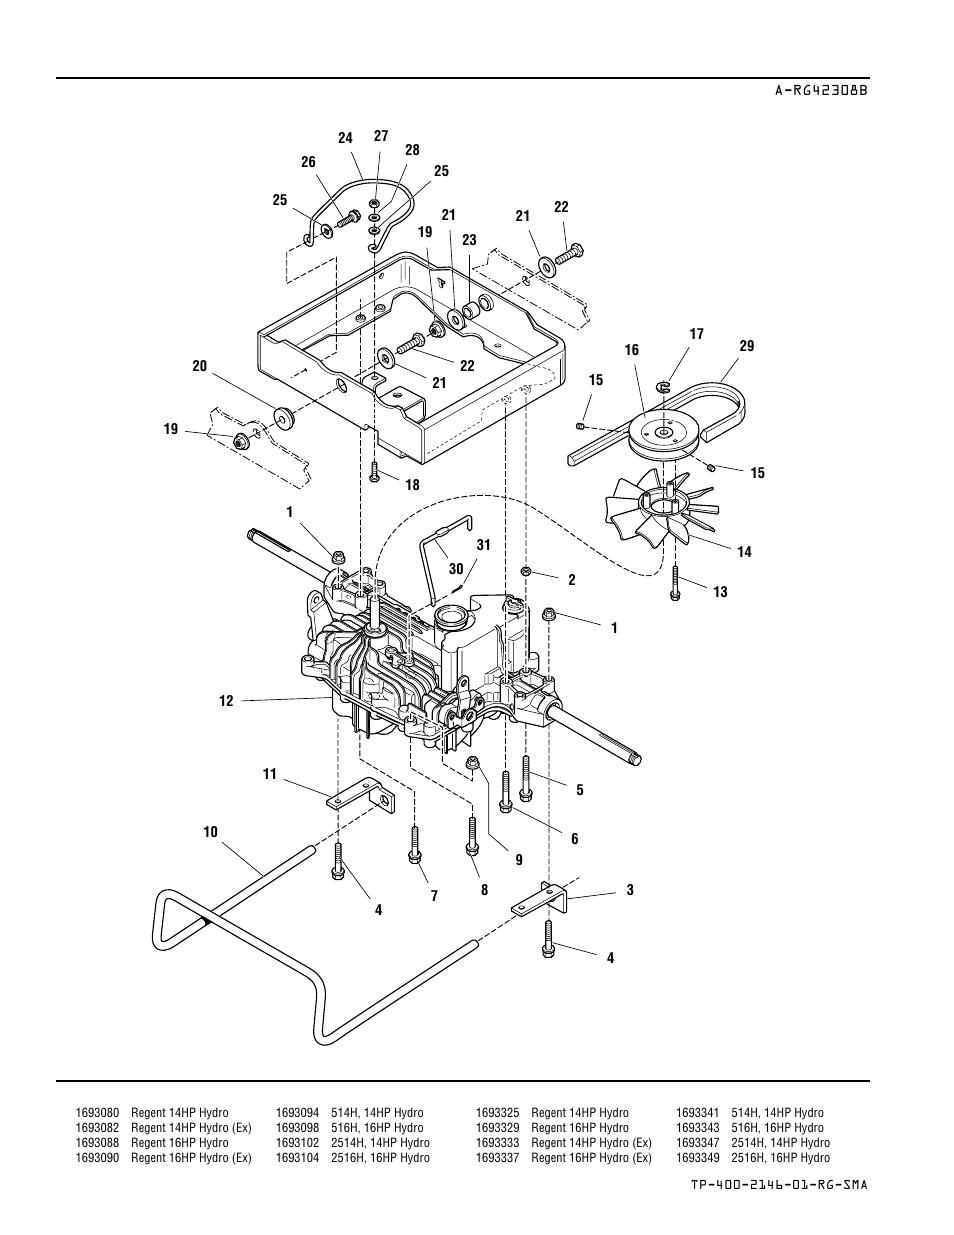 Transmission, belt, & carrier group — hydro models